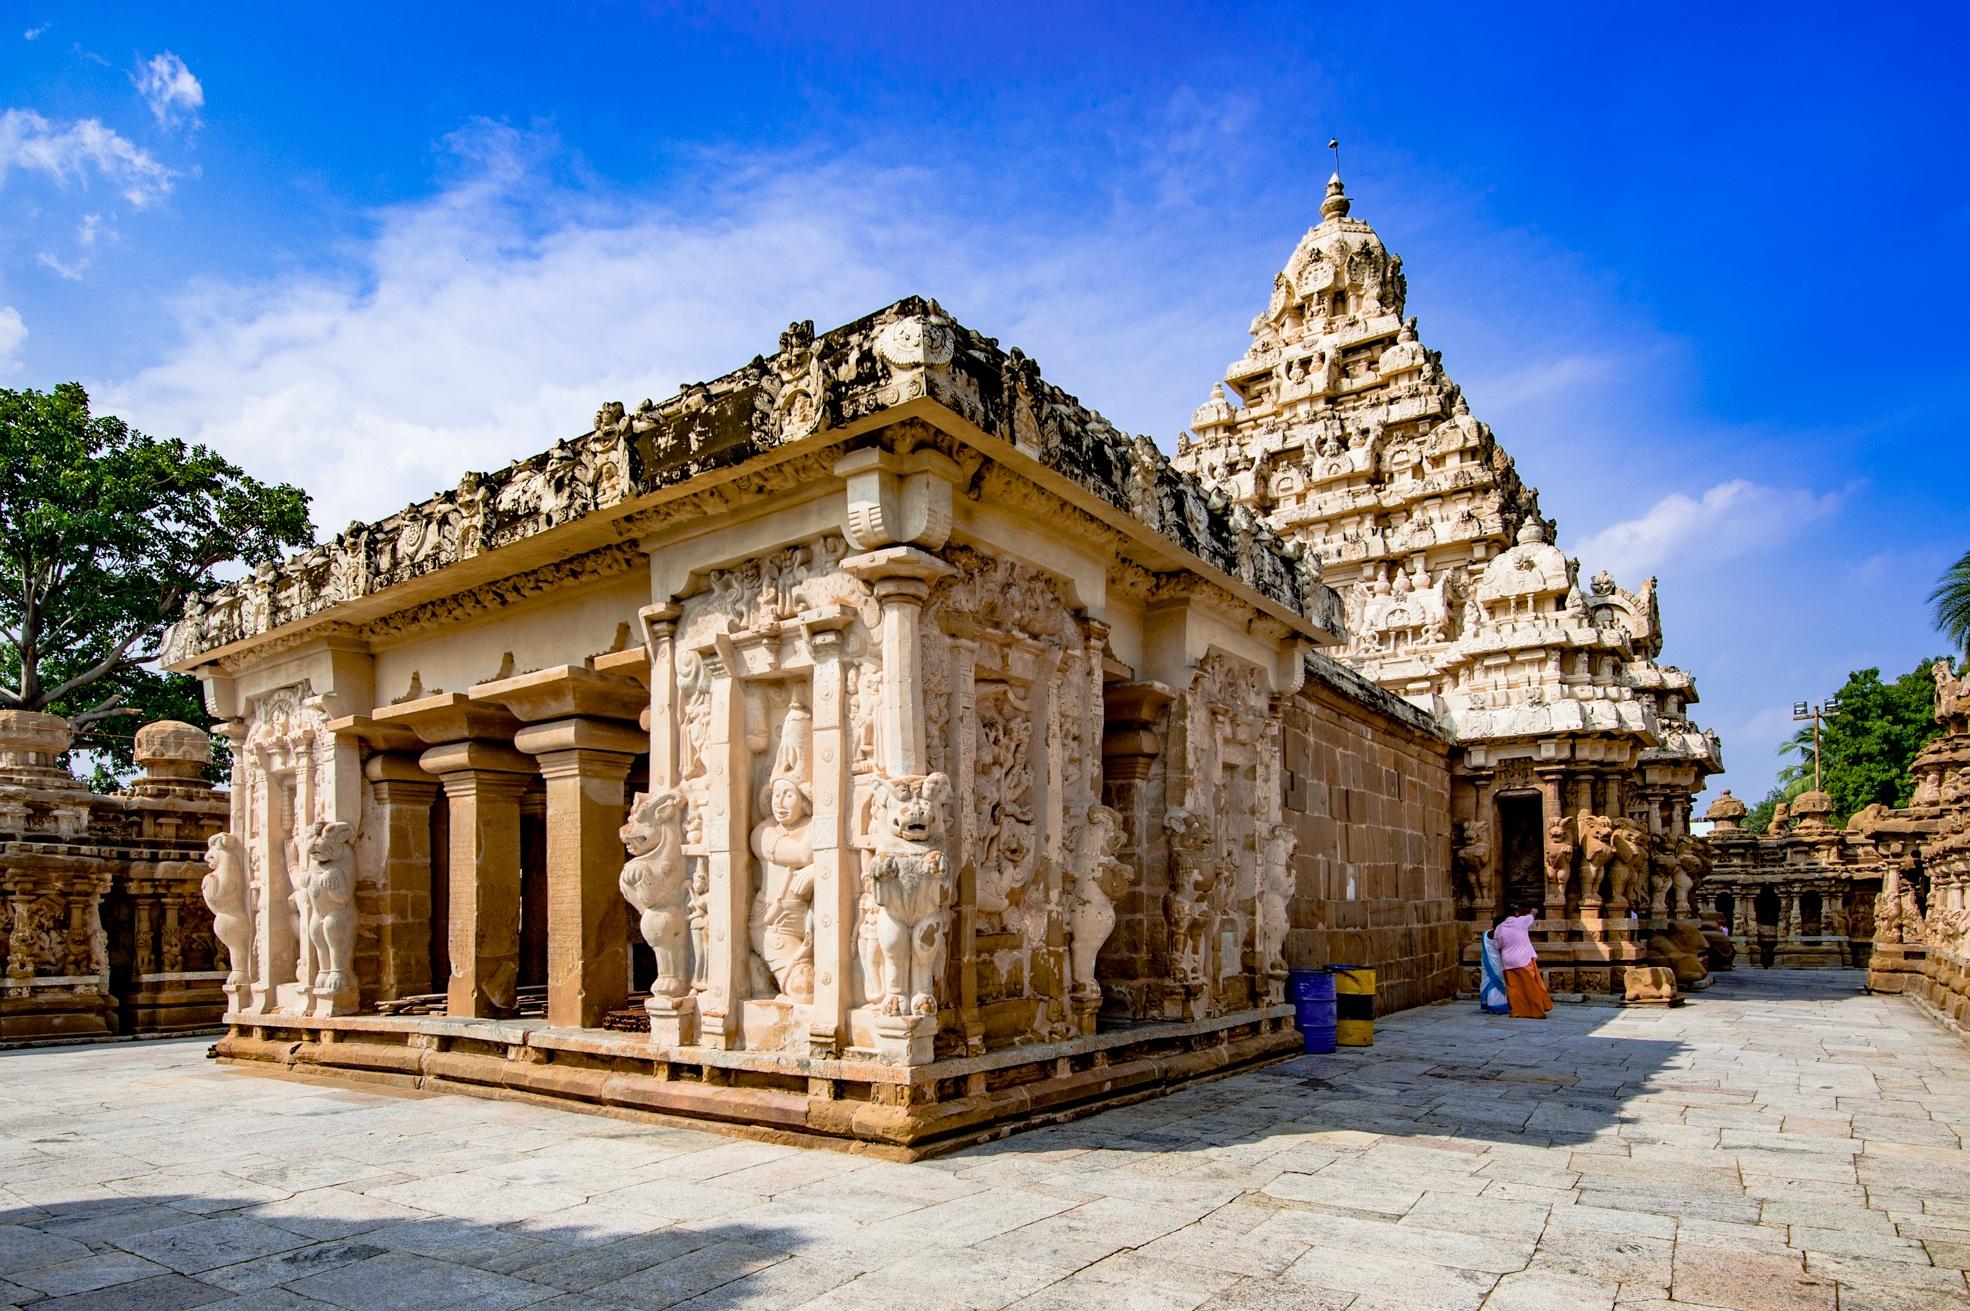 7th_century_Sri_Kailashnathar_Temple_Kanchipuram_Tamil_Nadu_India_01_%2813%29.jpg